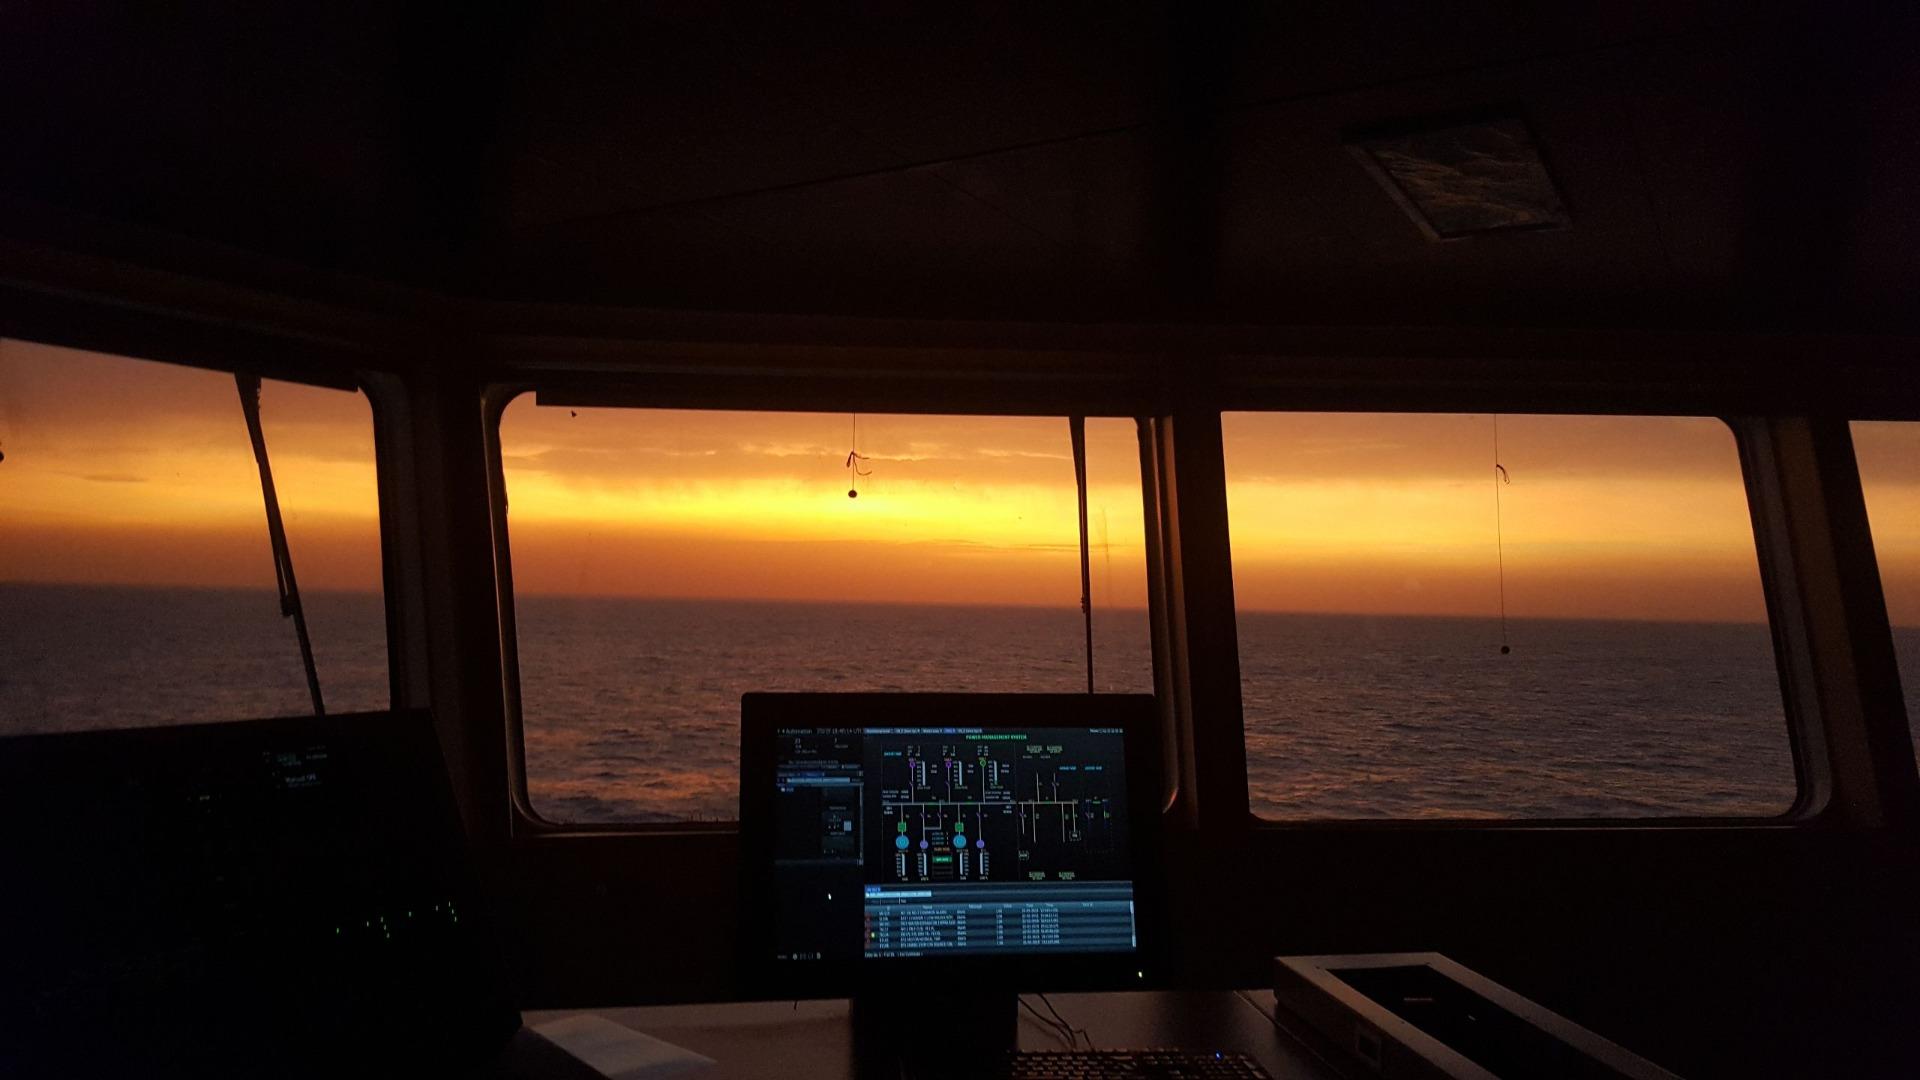 Nice sunrise at sea